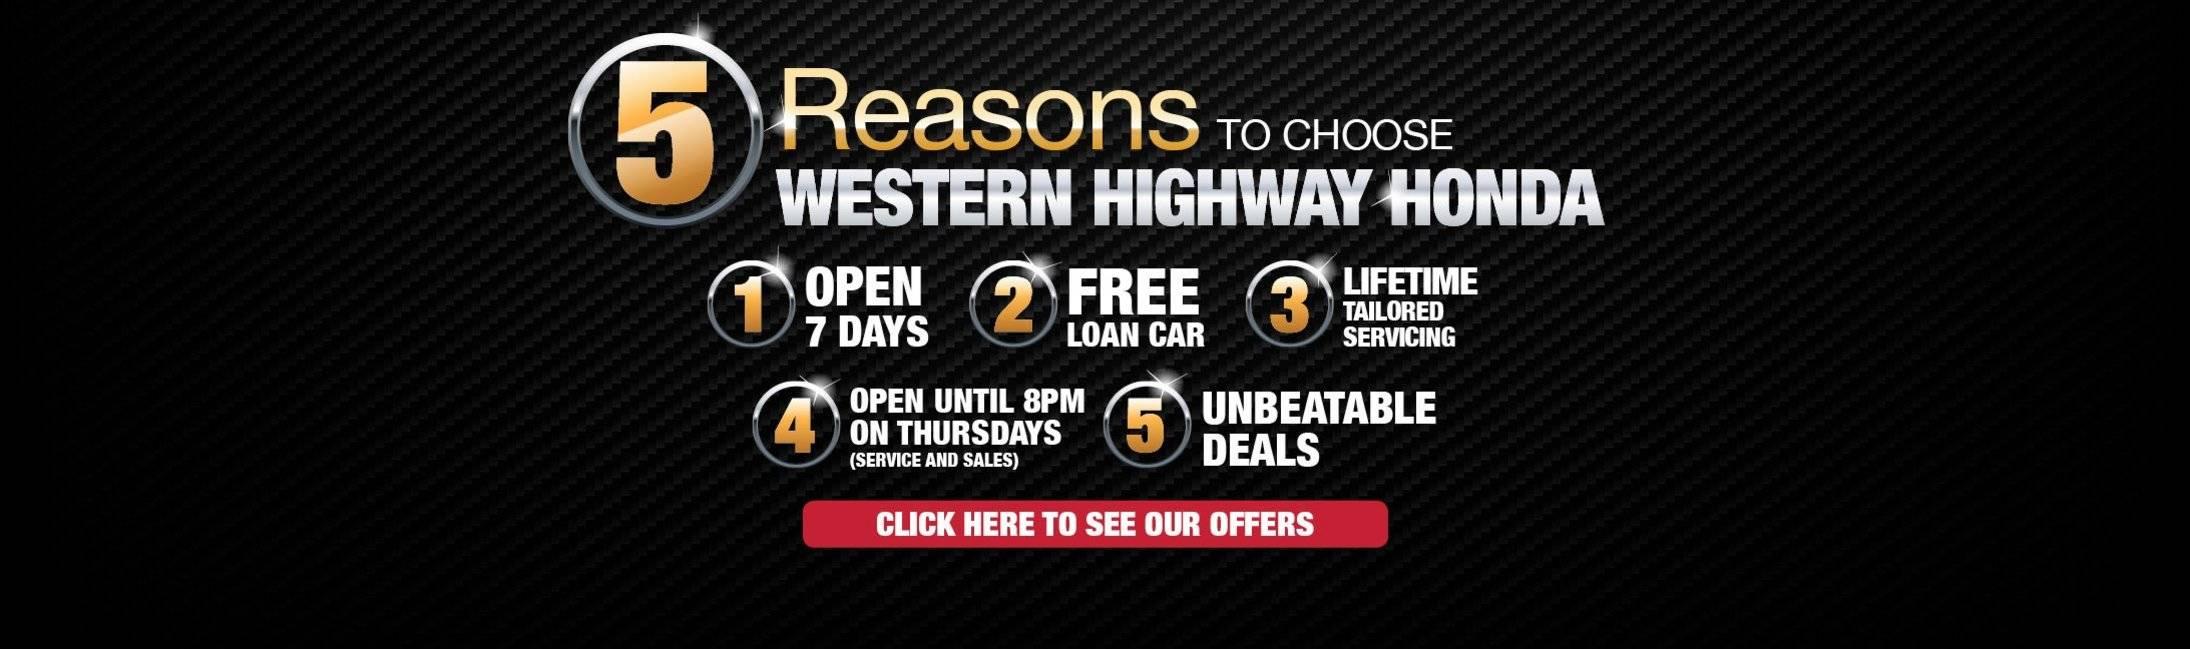 Western Honda - 5 Reasons